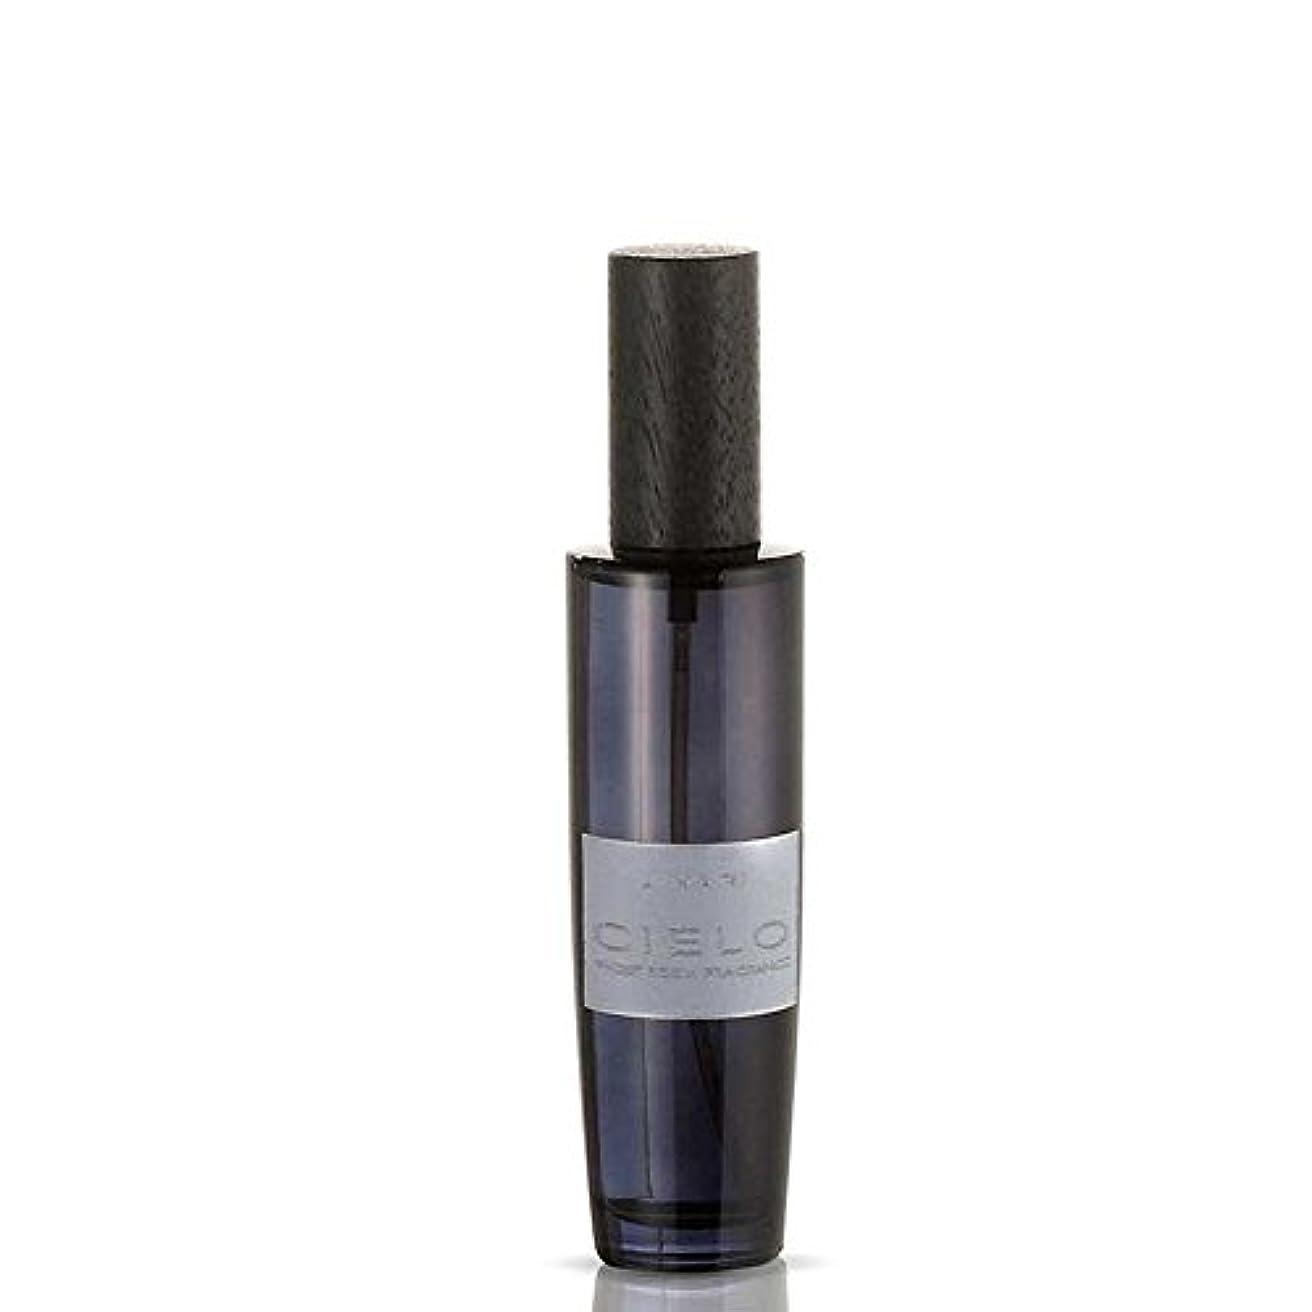 先入観酸化物近々LINARI リナーリ ルームスプレー Room Spray チェロ CIELO BLACK AMETHYST LINE